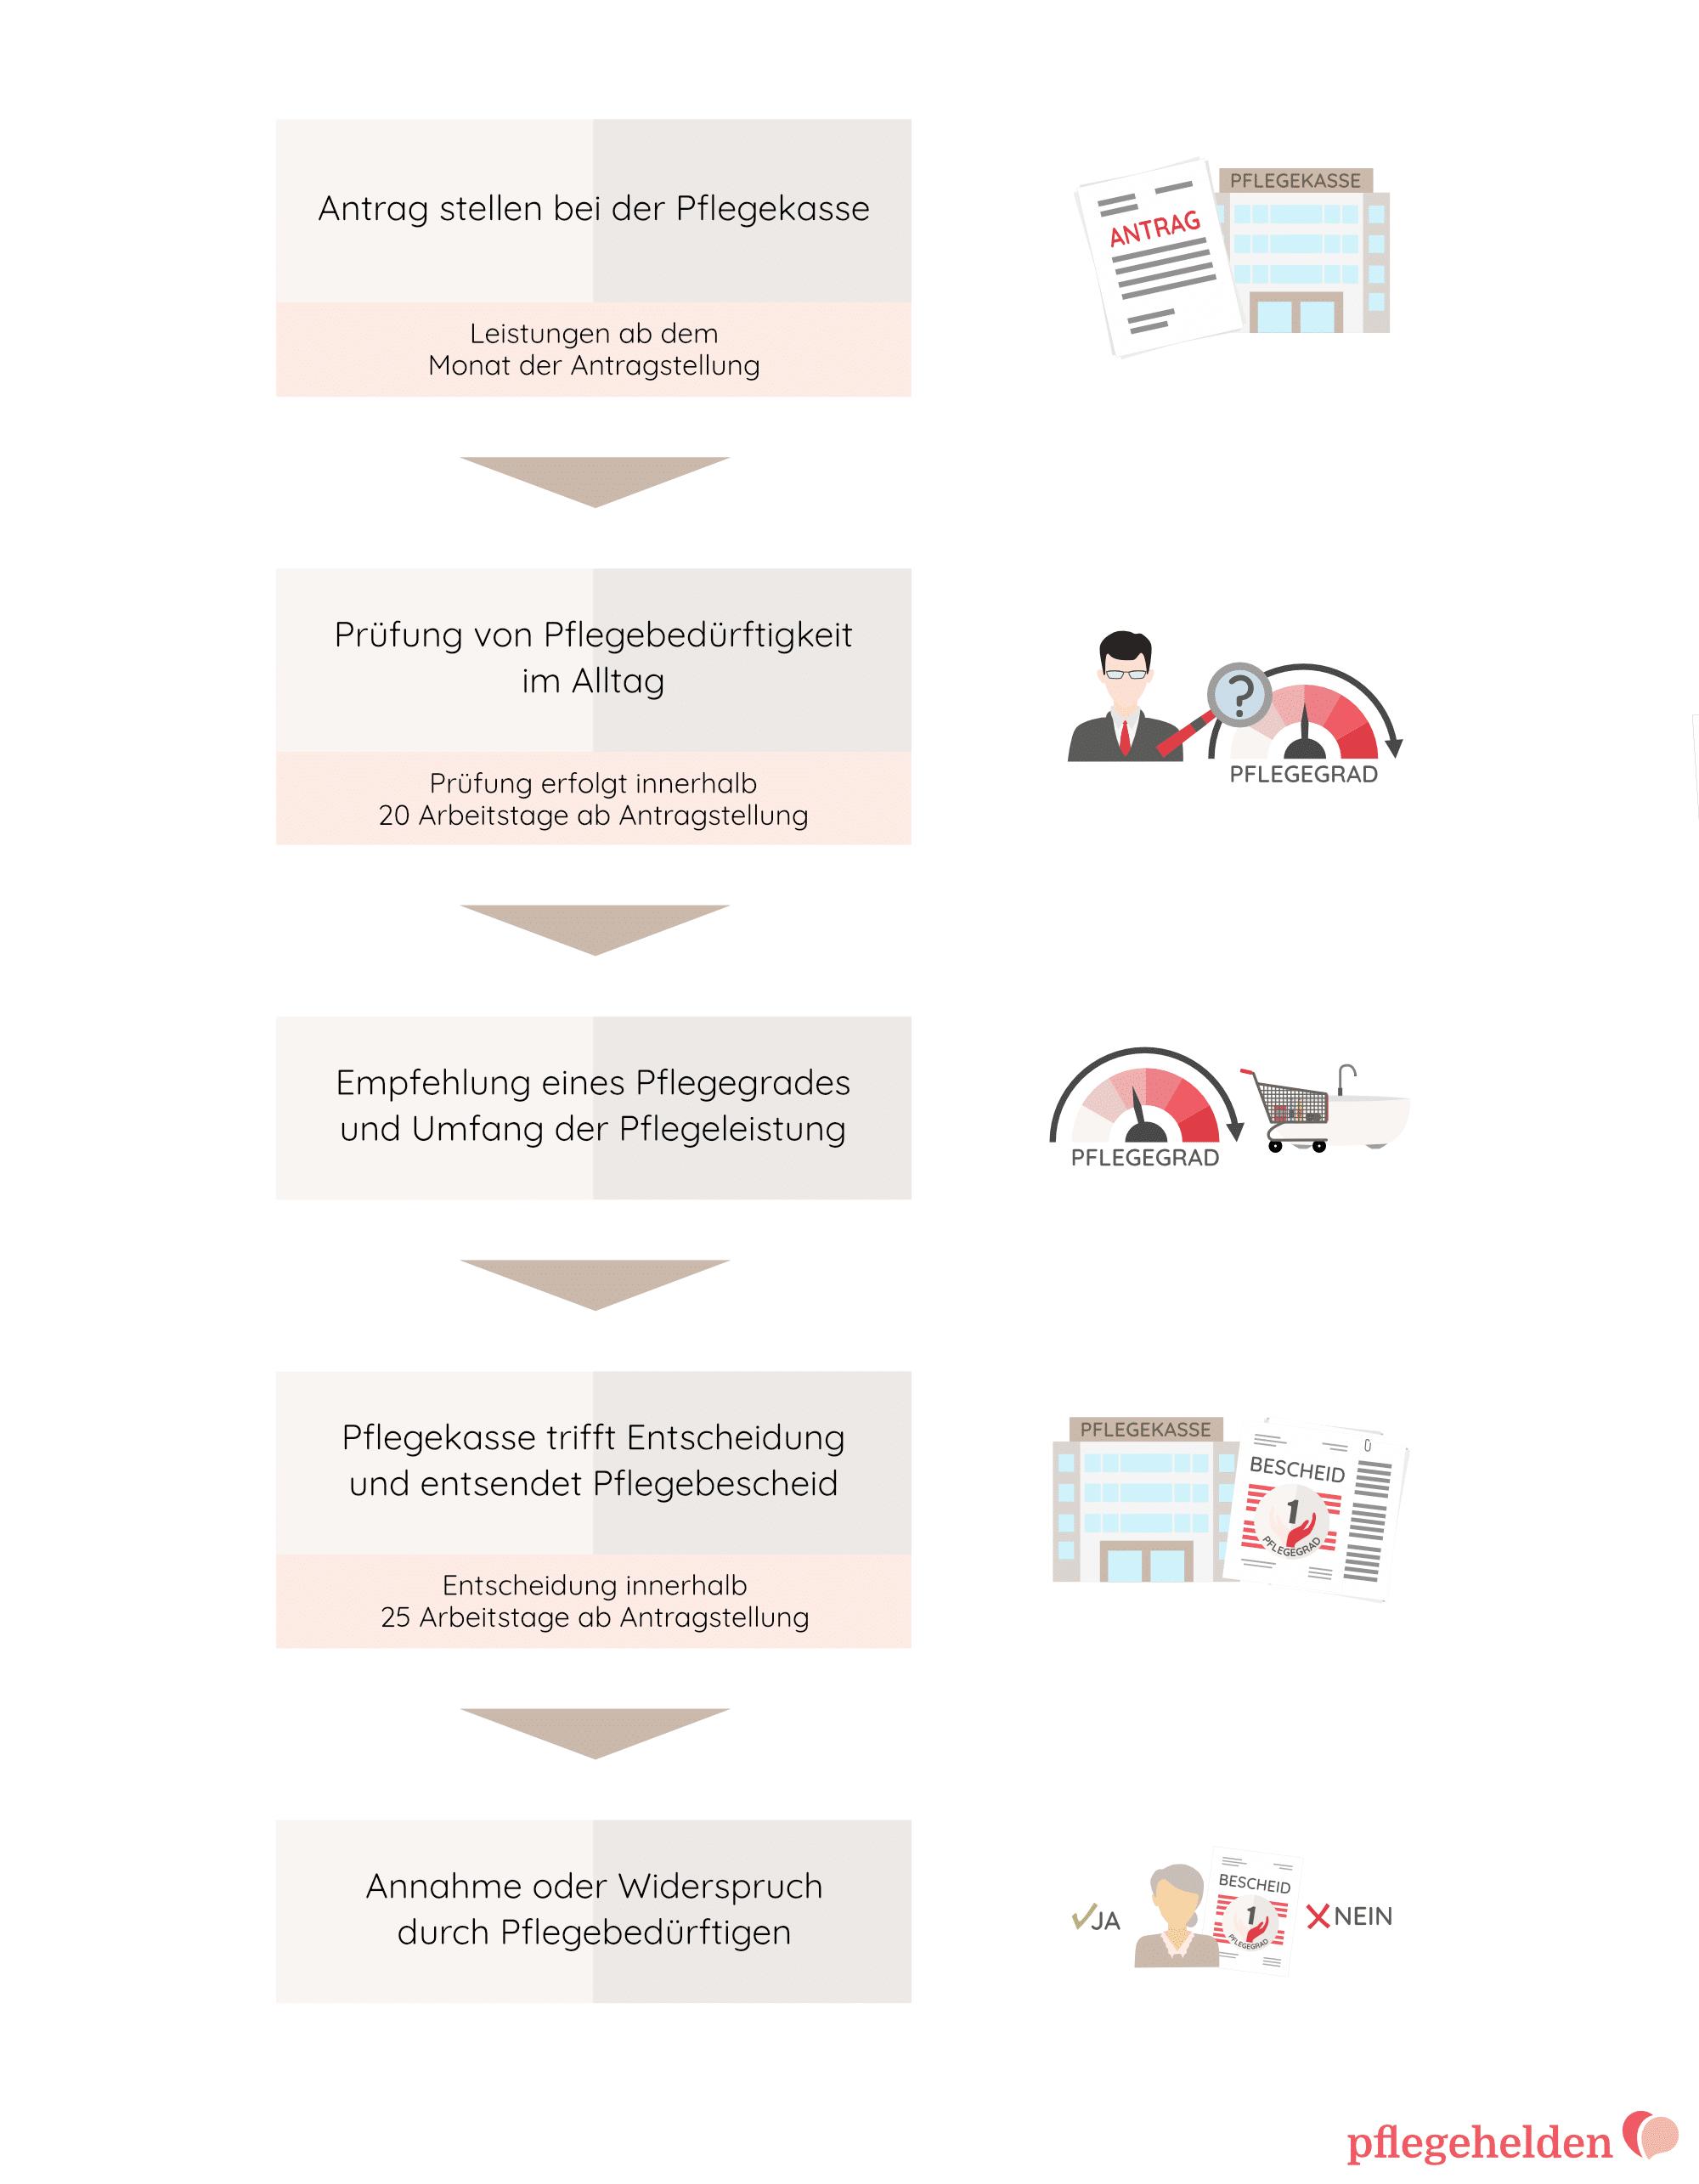 Abbildung zum Ablauf von Pflegeantrag